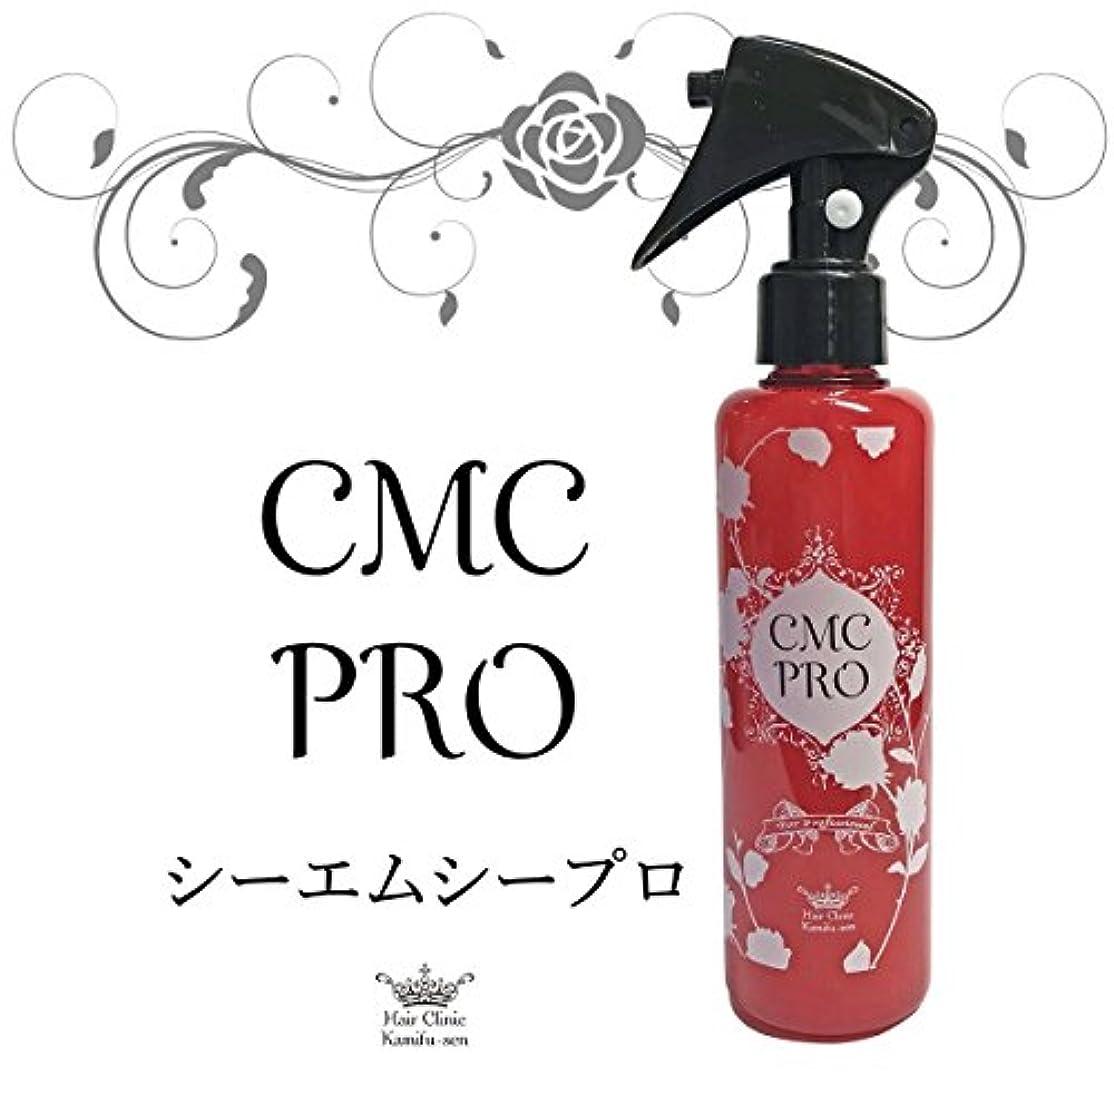 促進するフィッティング散るCMCプロ(200ml)(バサバサ髪もしっとり髪へ、ビビリ毛修正に最適)